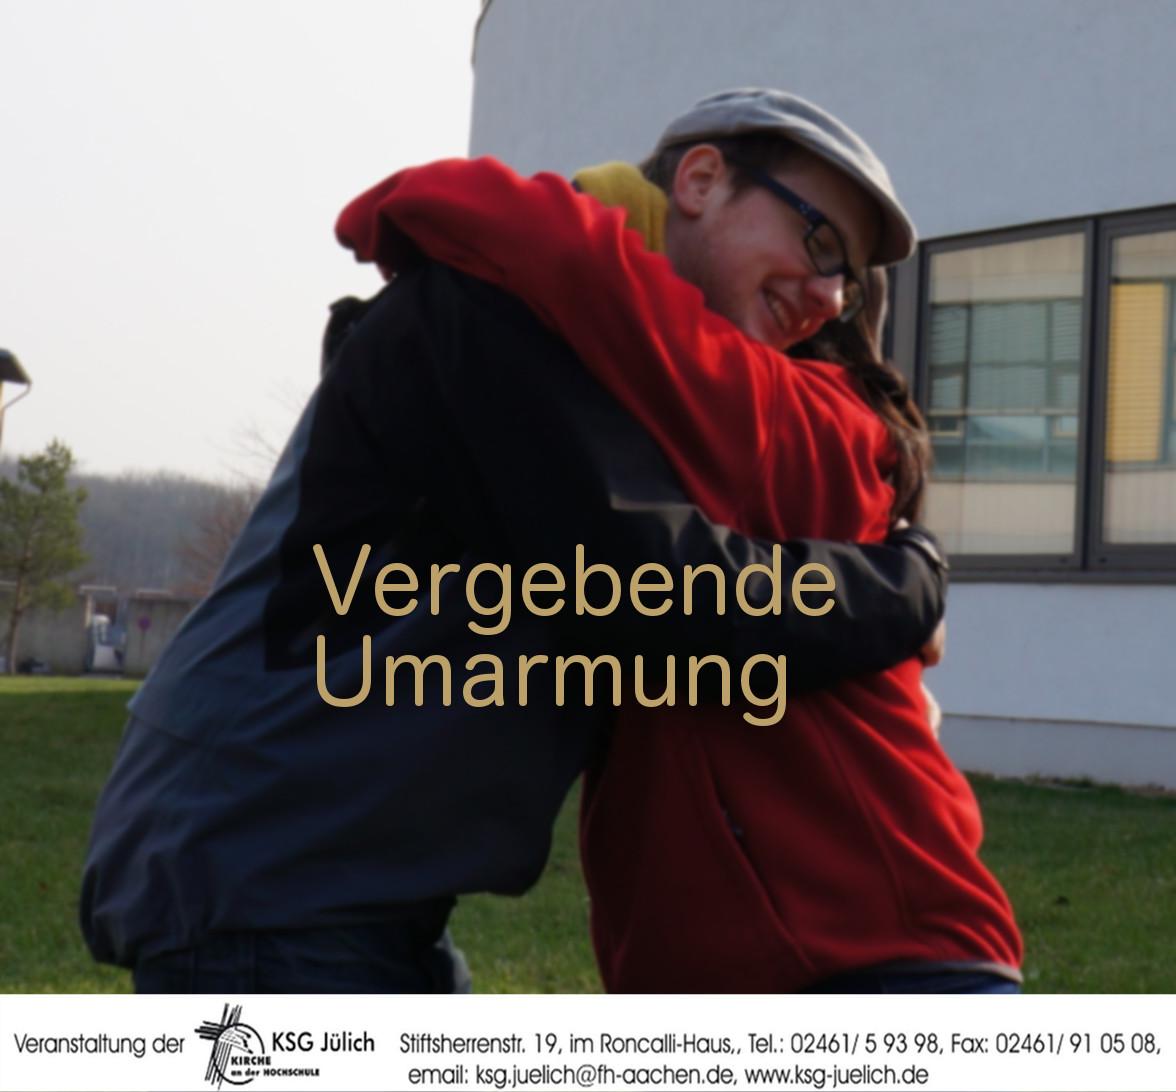 vergebende_umarmung